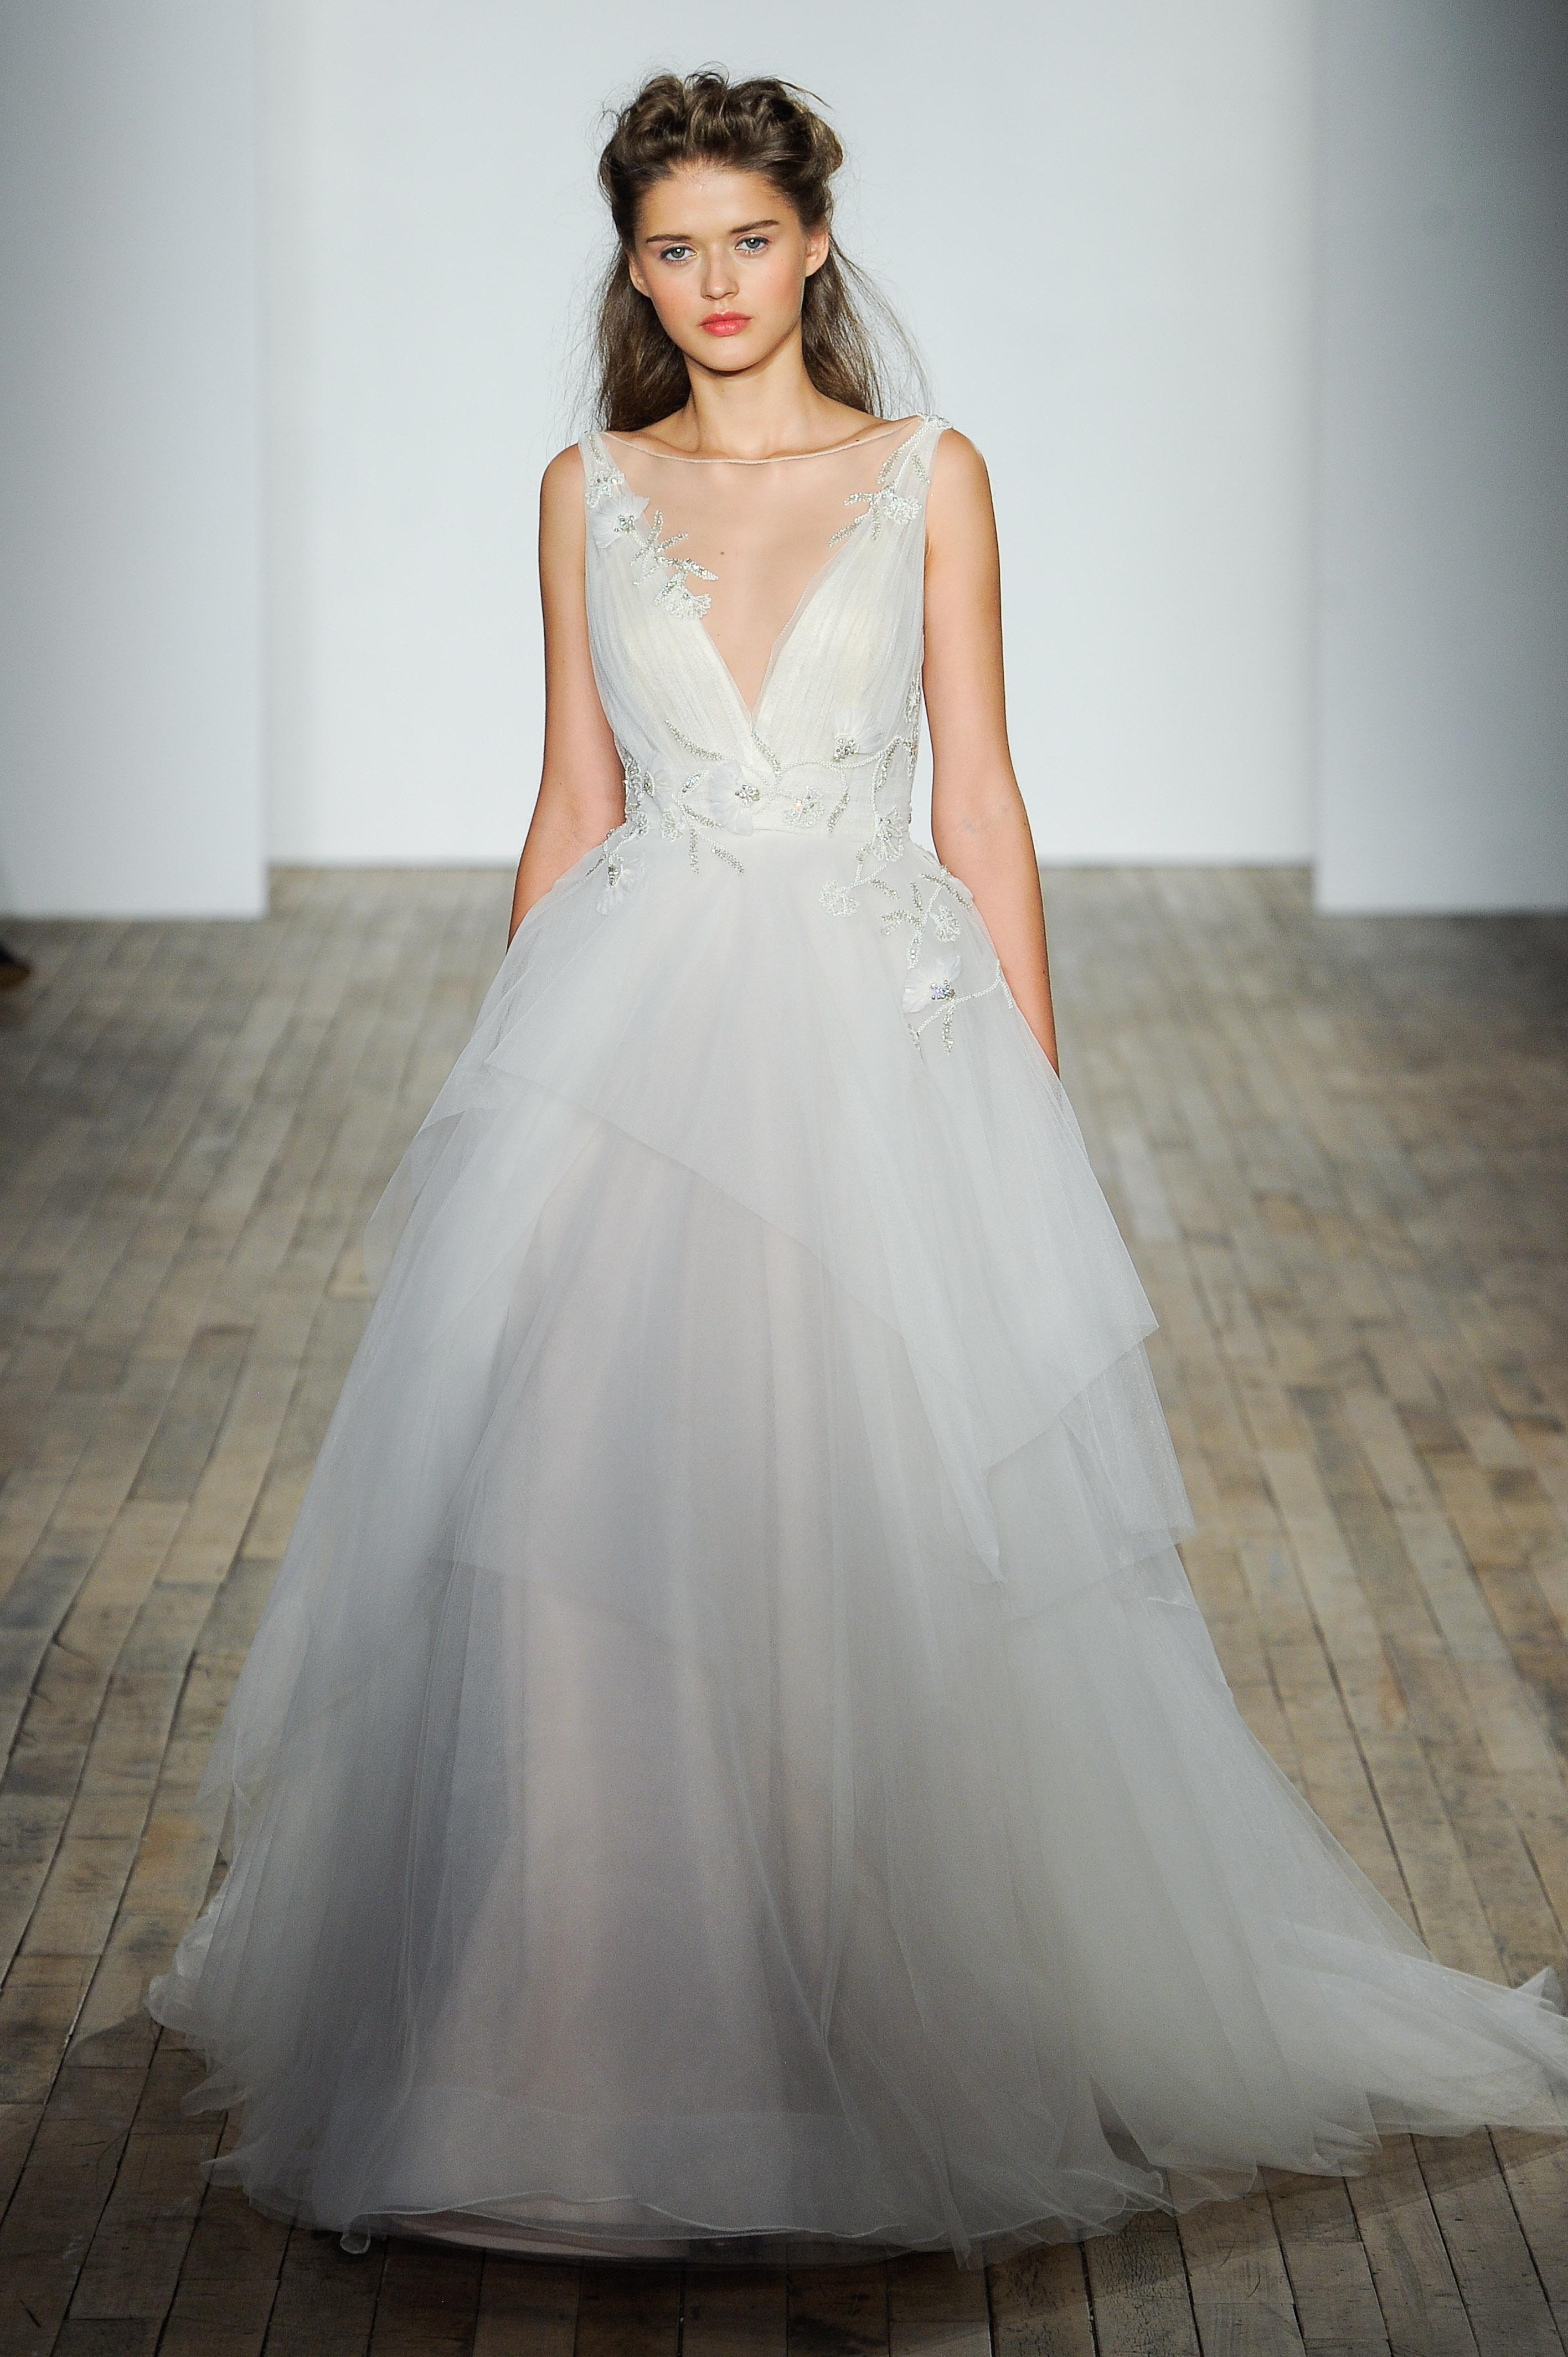 Allison Webb Bridal Fall 2018